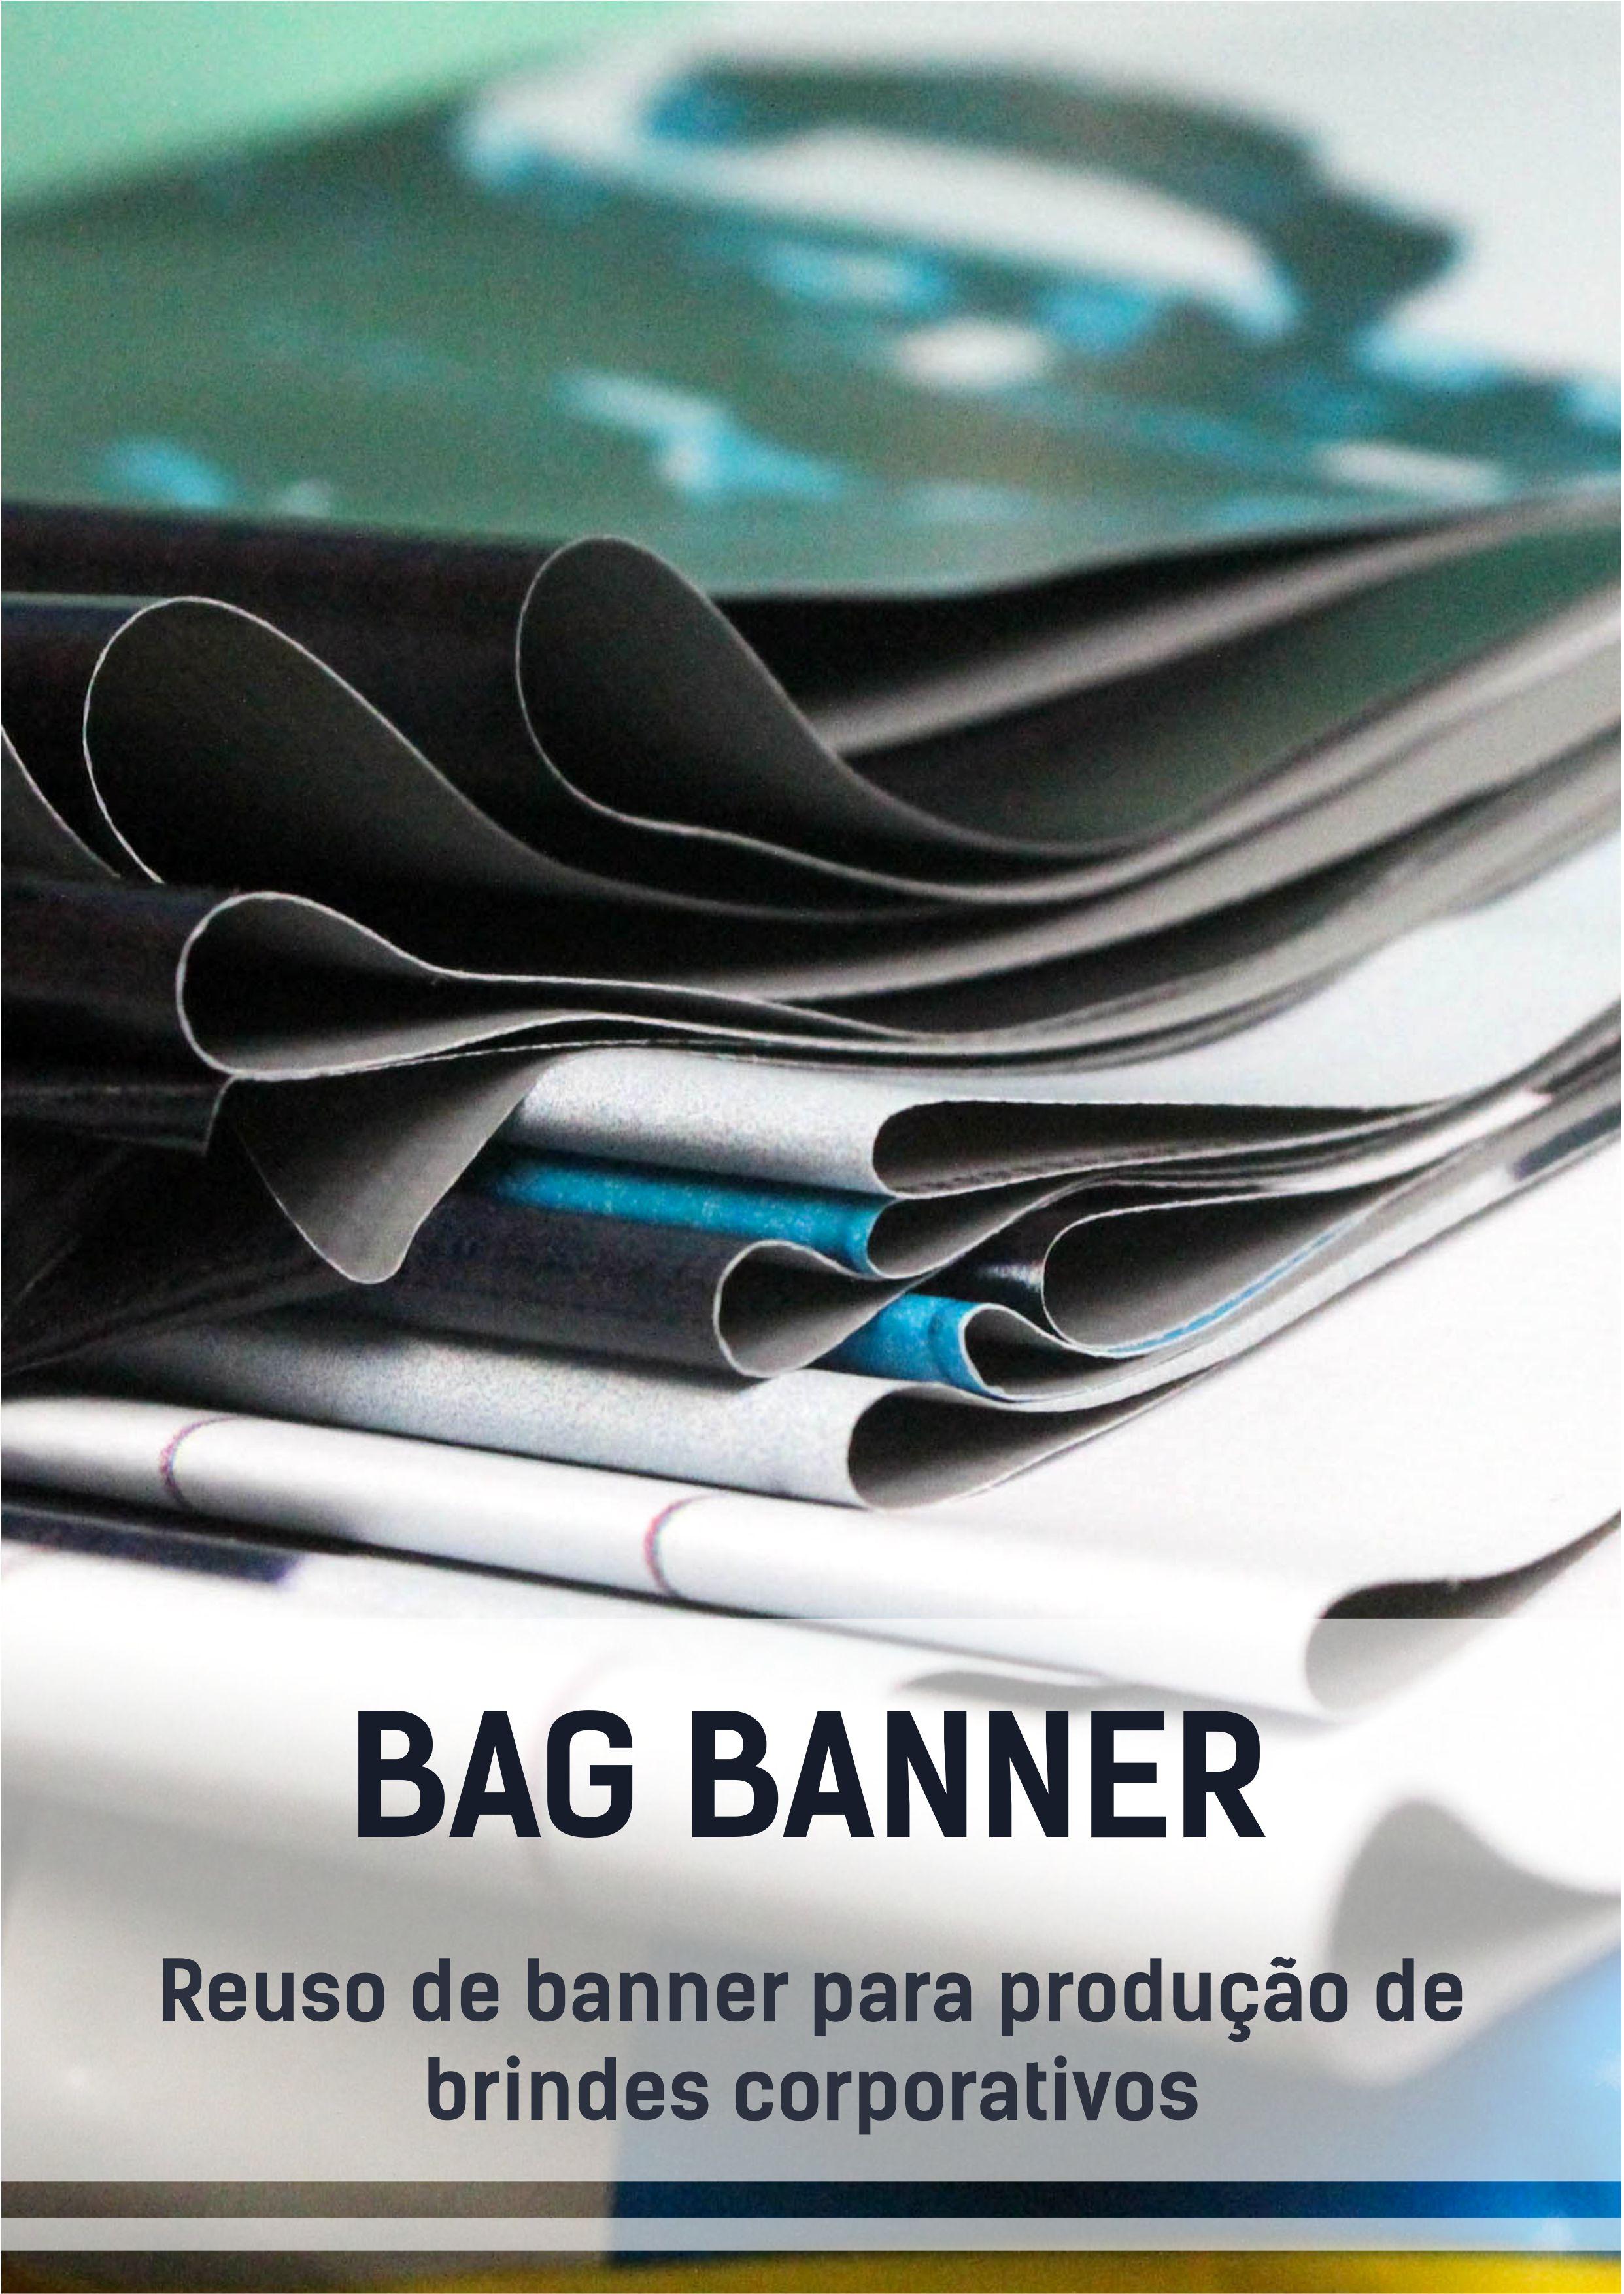 bag banner